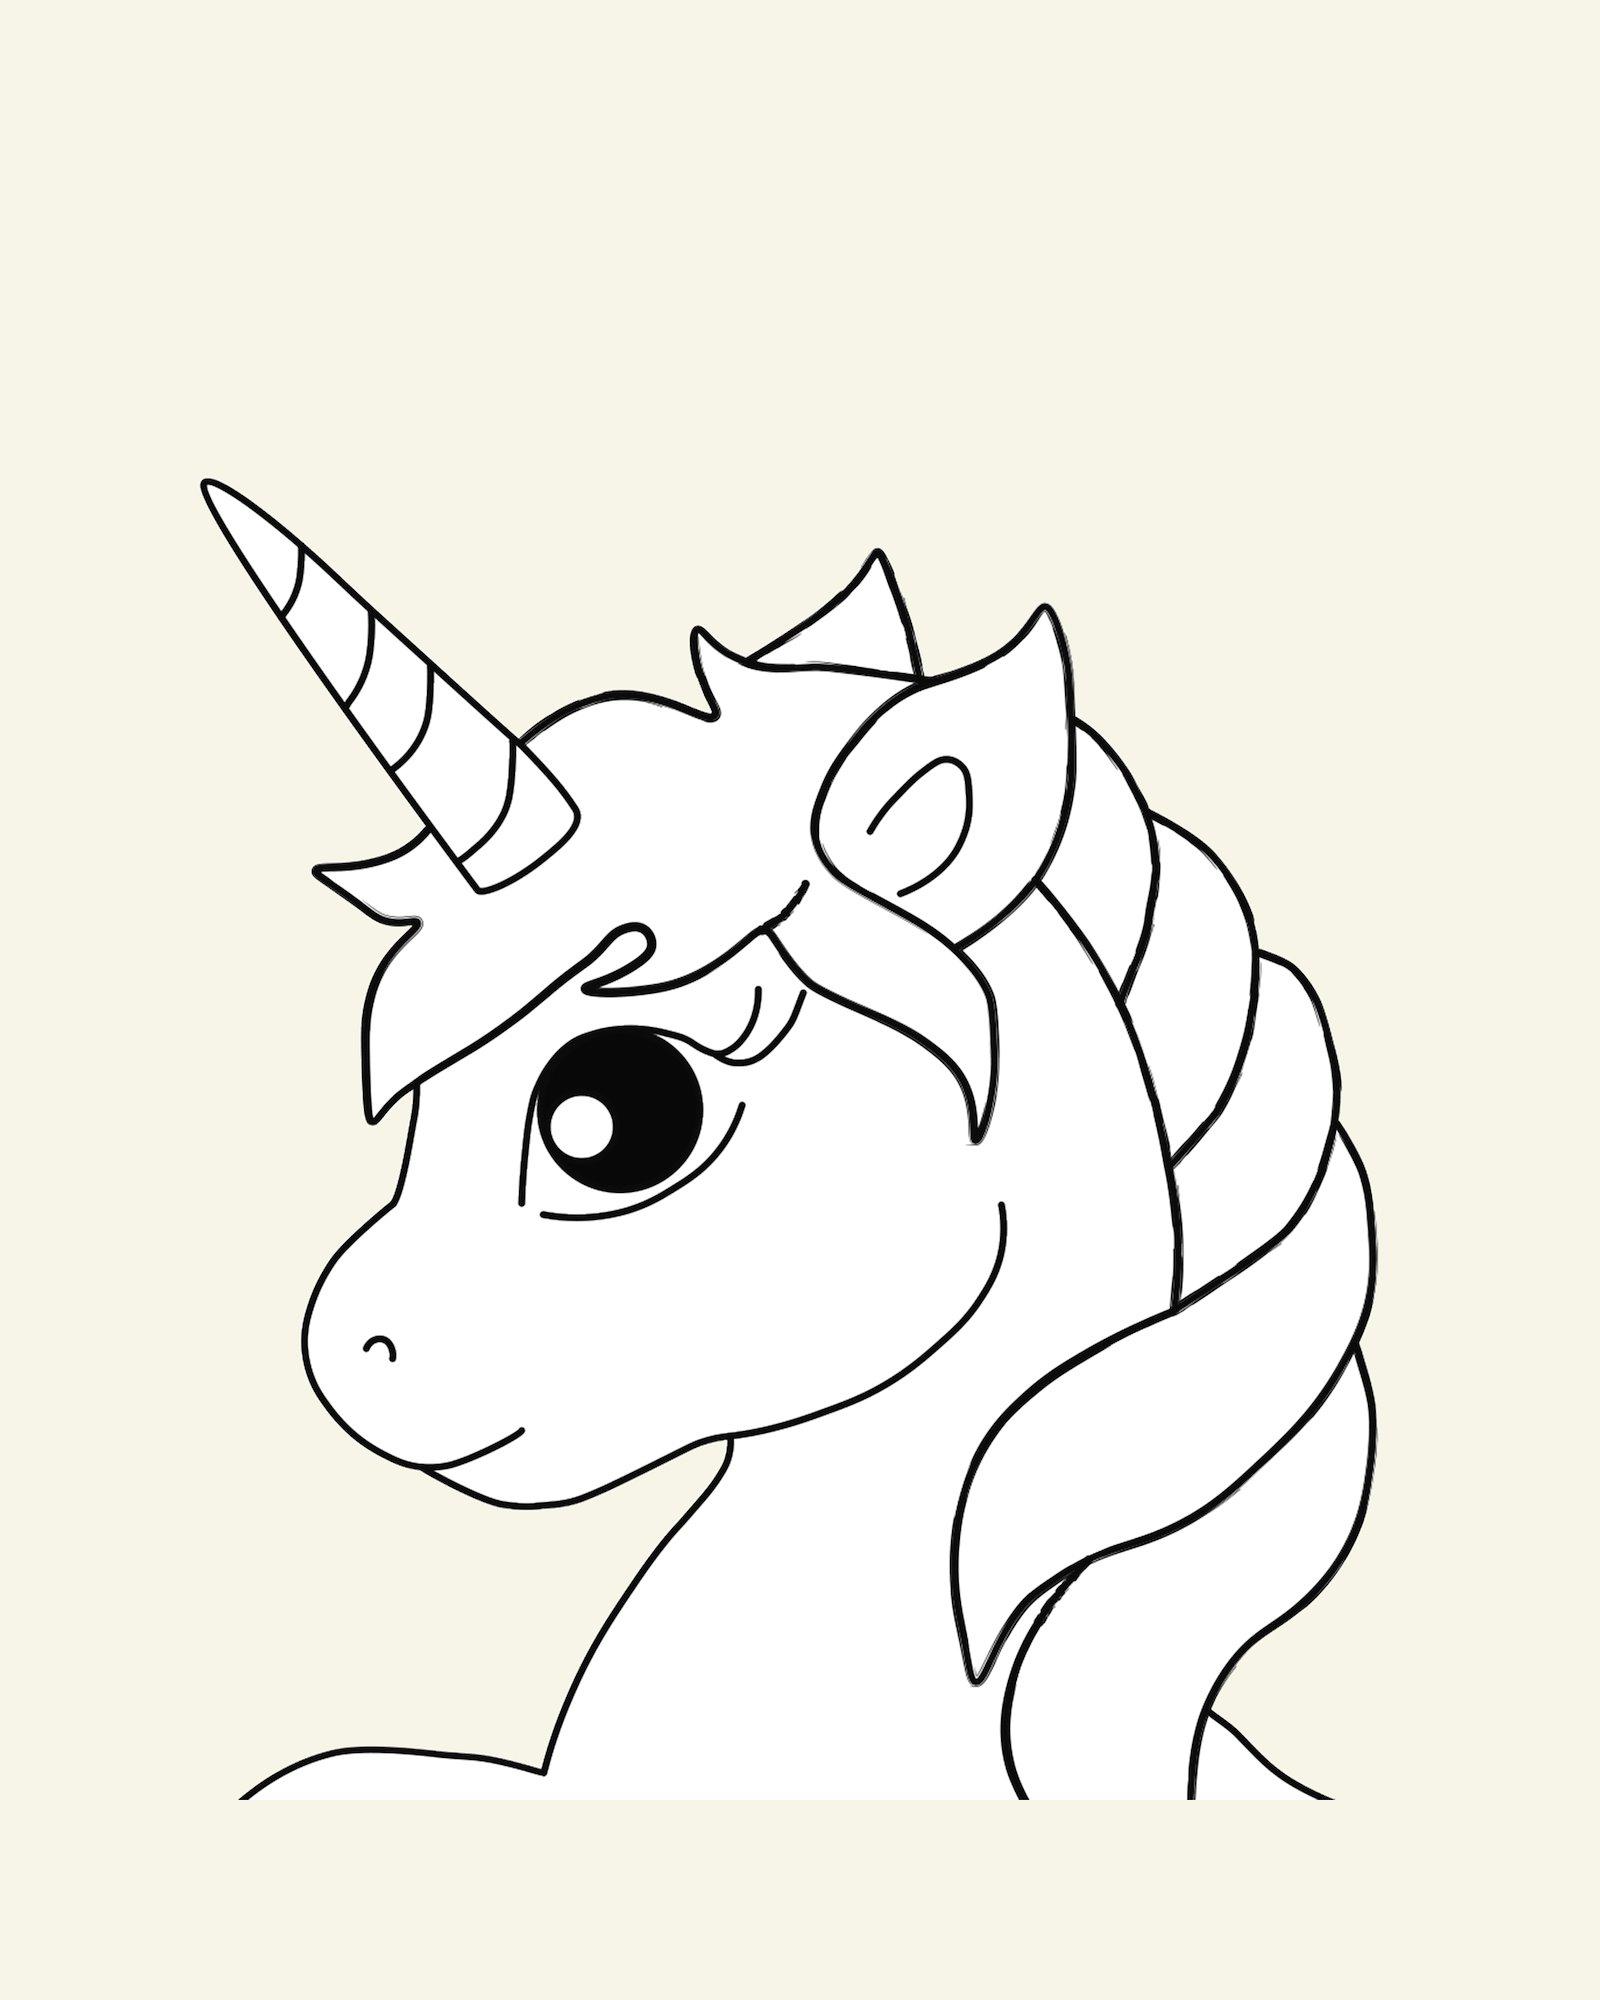 Punch needle unicorn